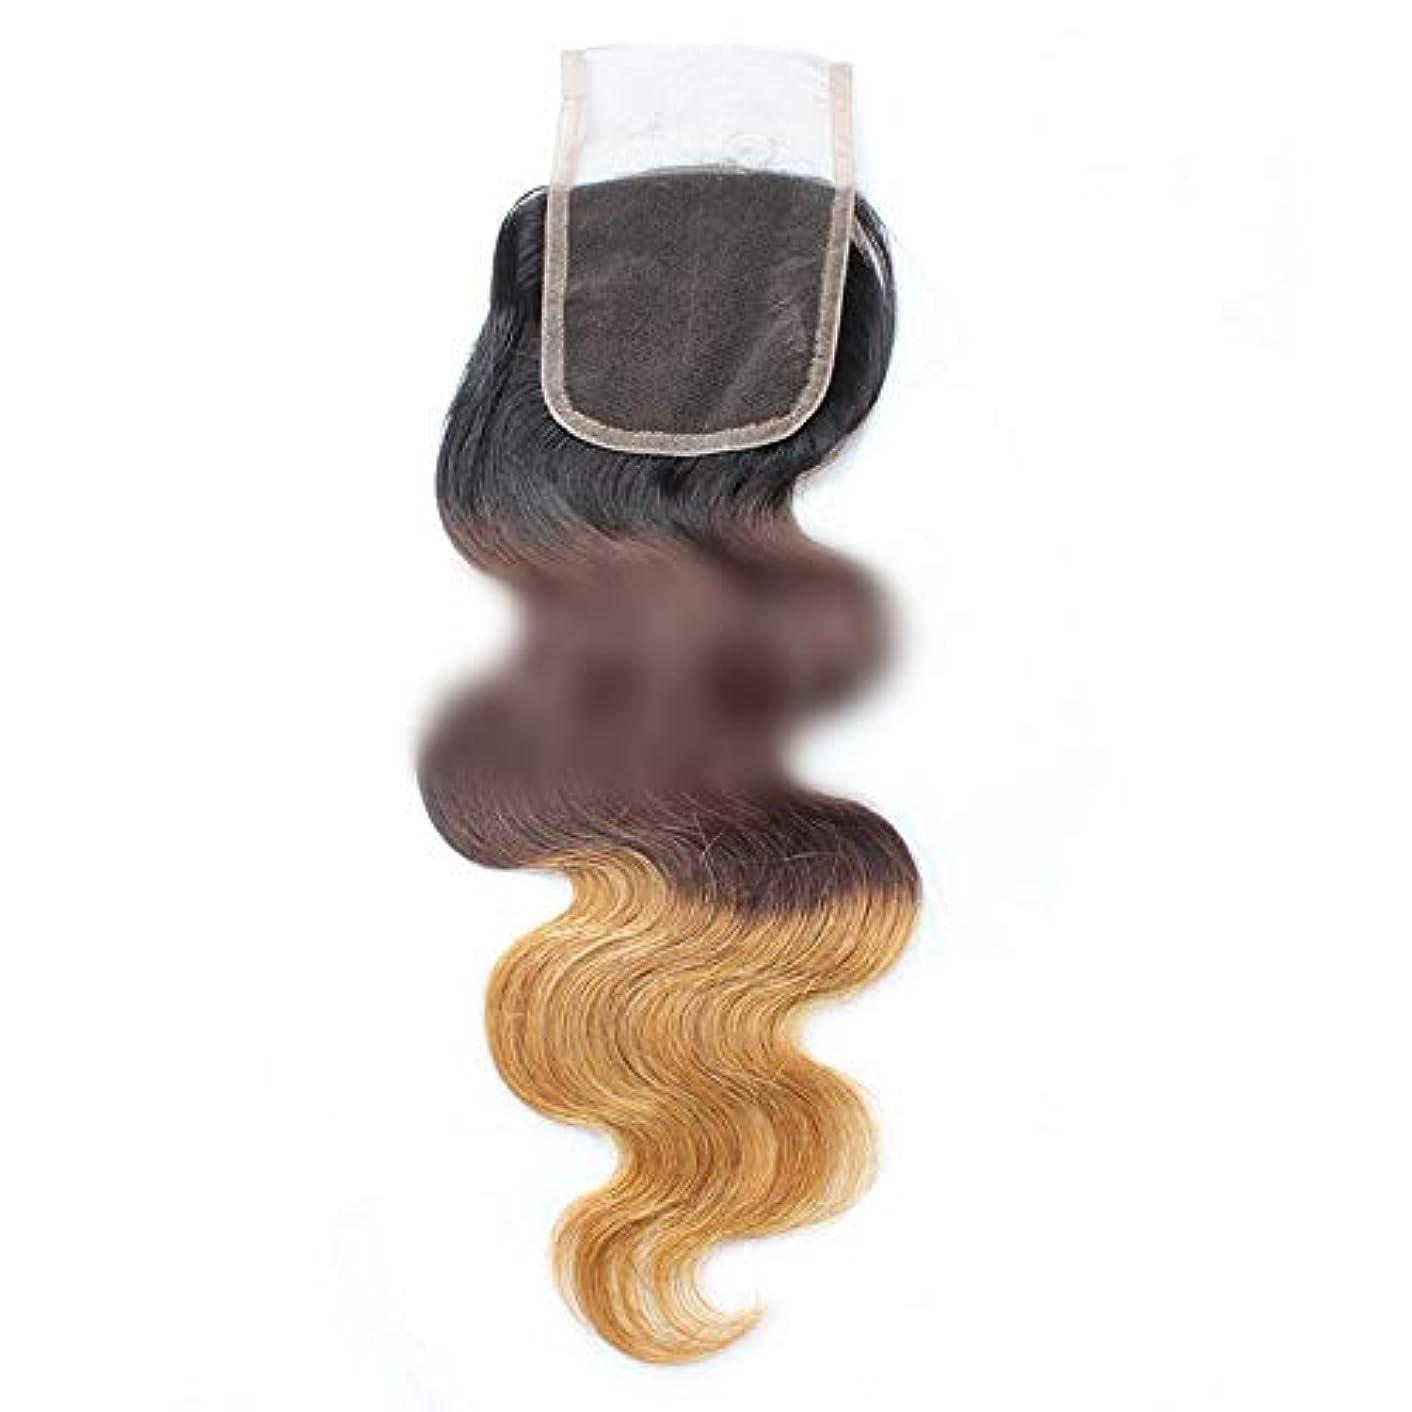 調整するに関して三十BOBIDYEE 実体波4×4レース前頭閉鎖人間の髪の毛黒から茶色への3トーンカラー無料パートヘアコンポジットヘアレースかつらロールプレイングかつらロングとショート女性自然 (色 : ブラウン, サイズ : 18 inch)